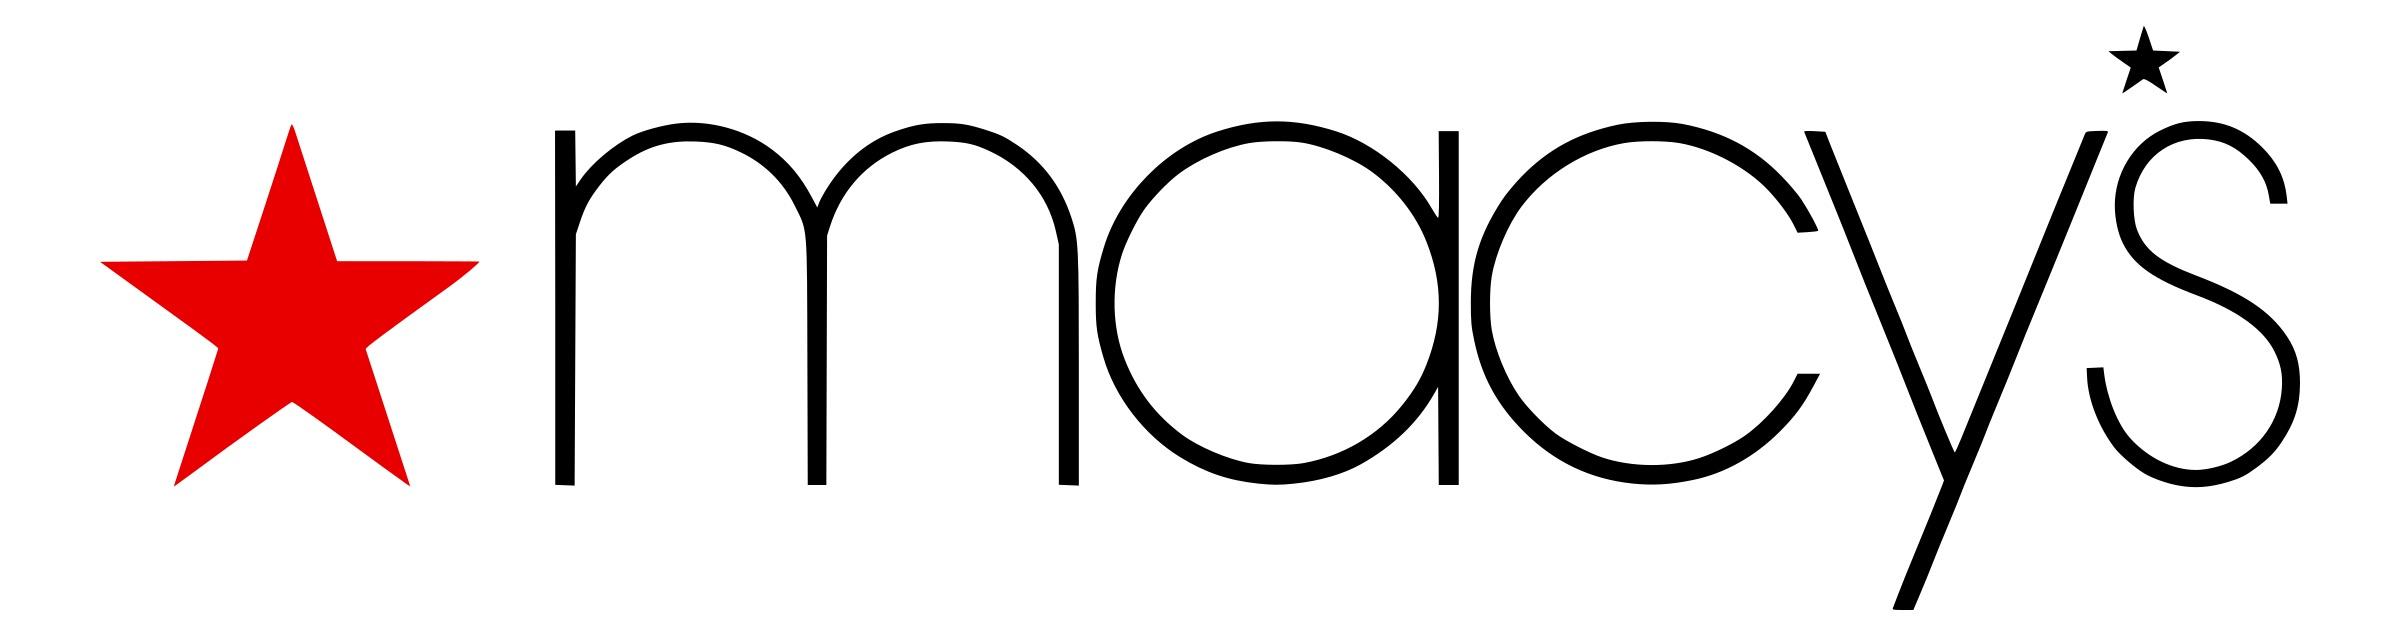 Macy's logo.jpg